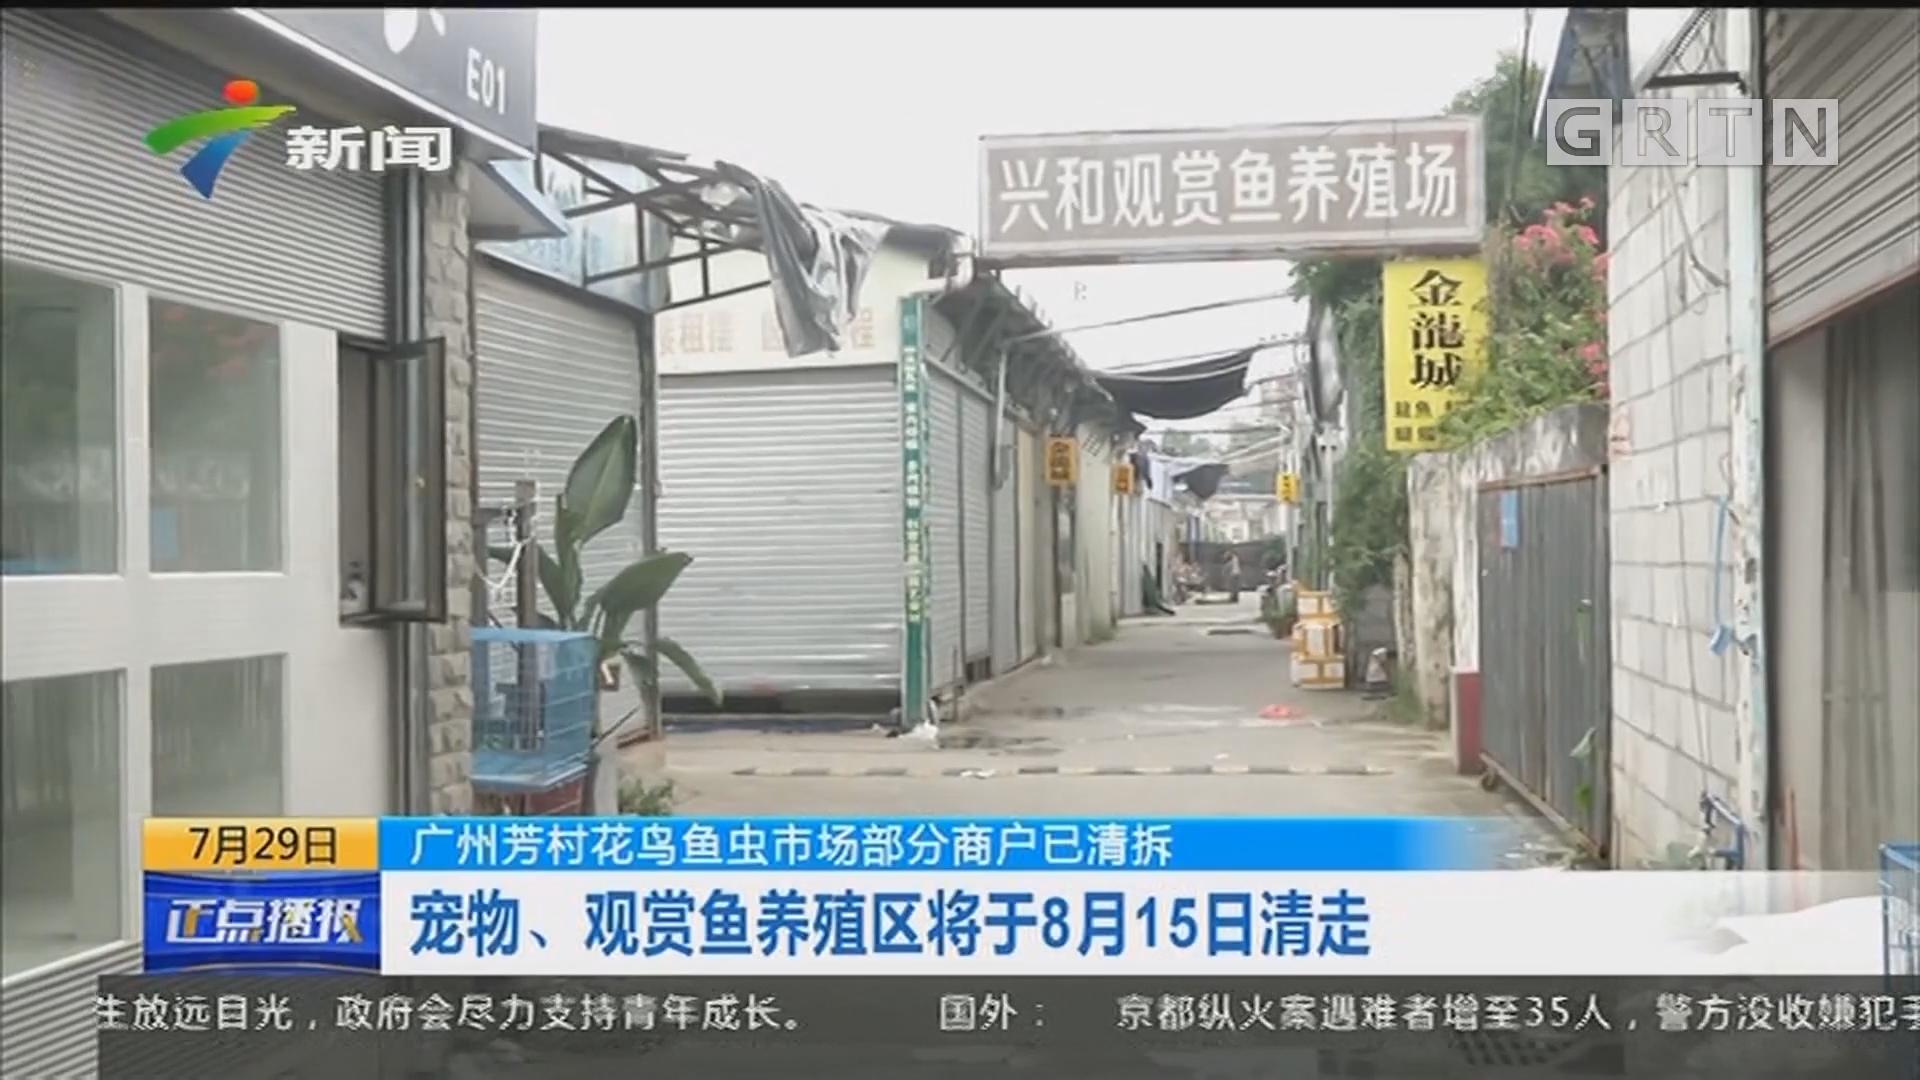 广州芳村花鸟鱼虫市场部分商户已清拆:喜鹊路西边第一排档位已清拆